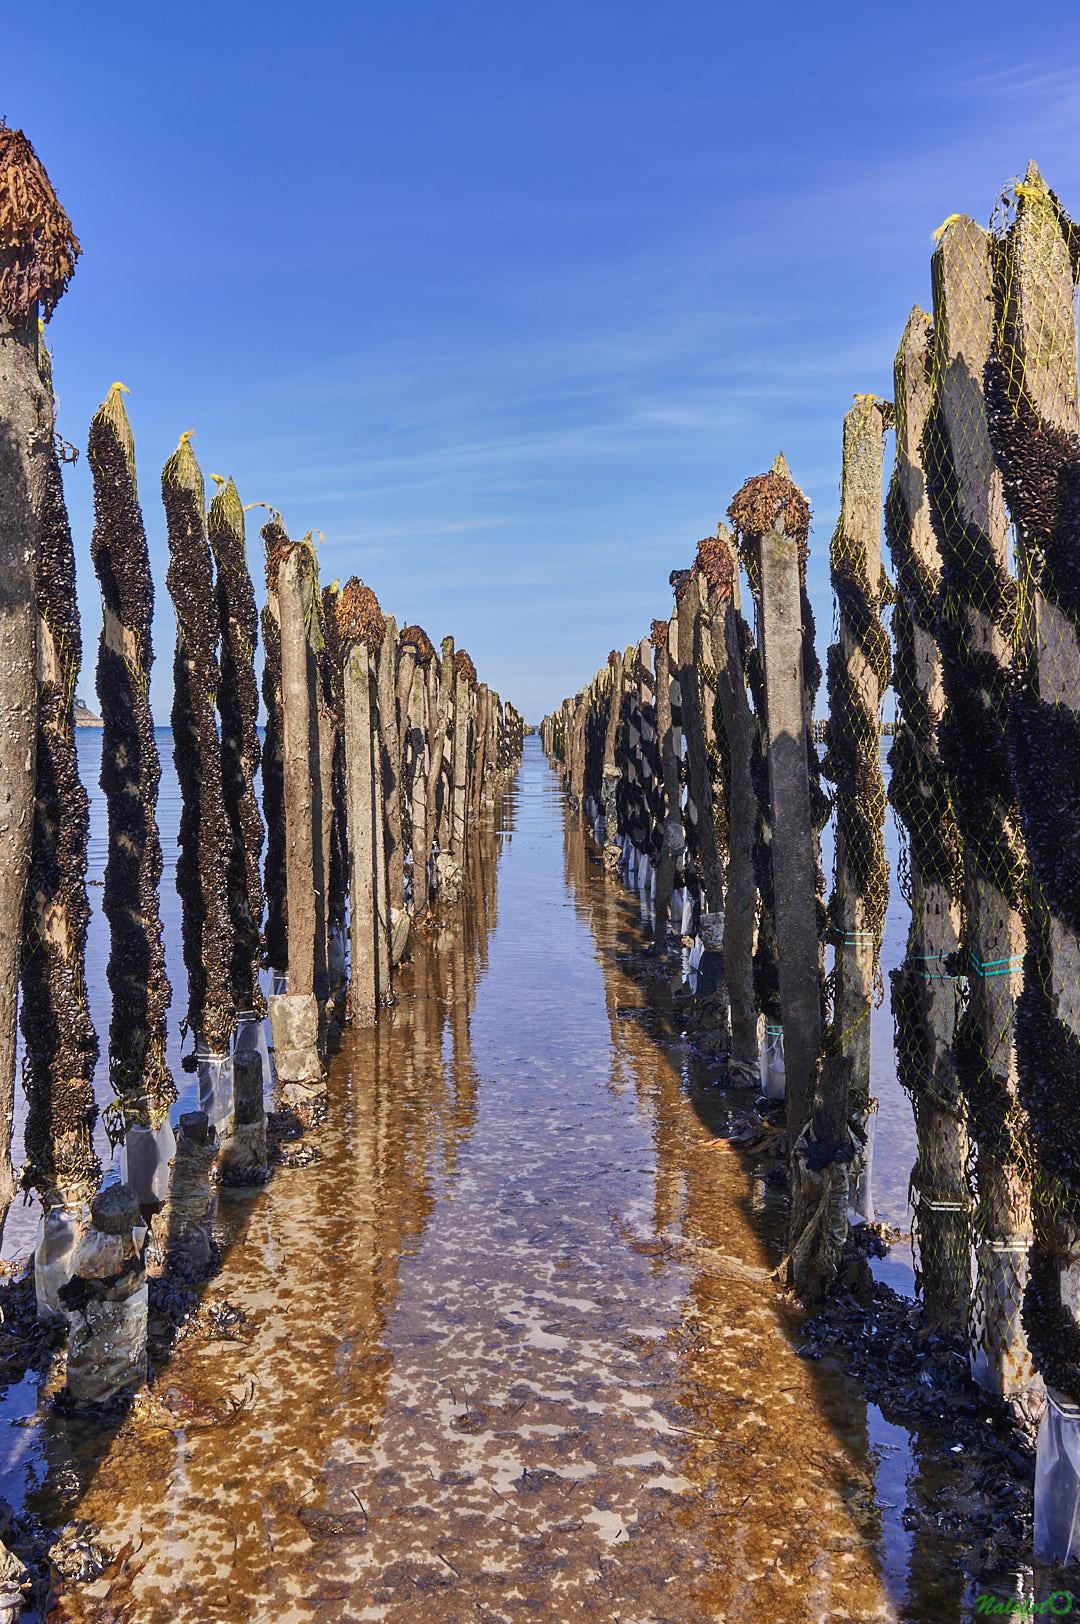 Rangées de bouchots dans la baie de la Fresnaye à Plévenon Cap Fréhel